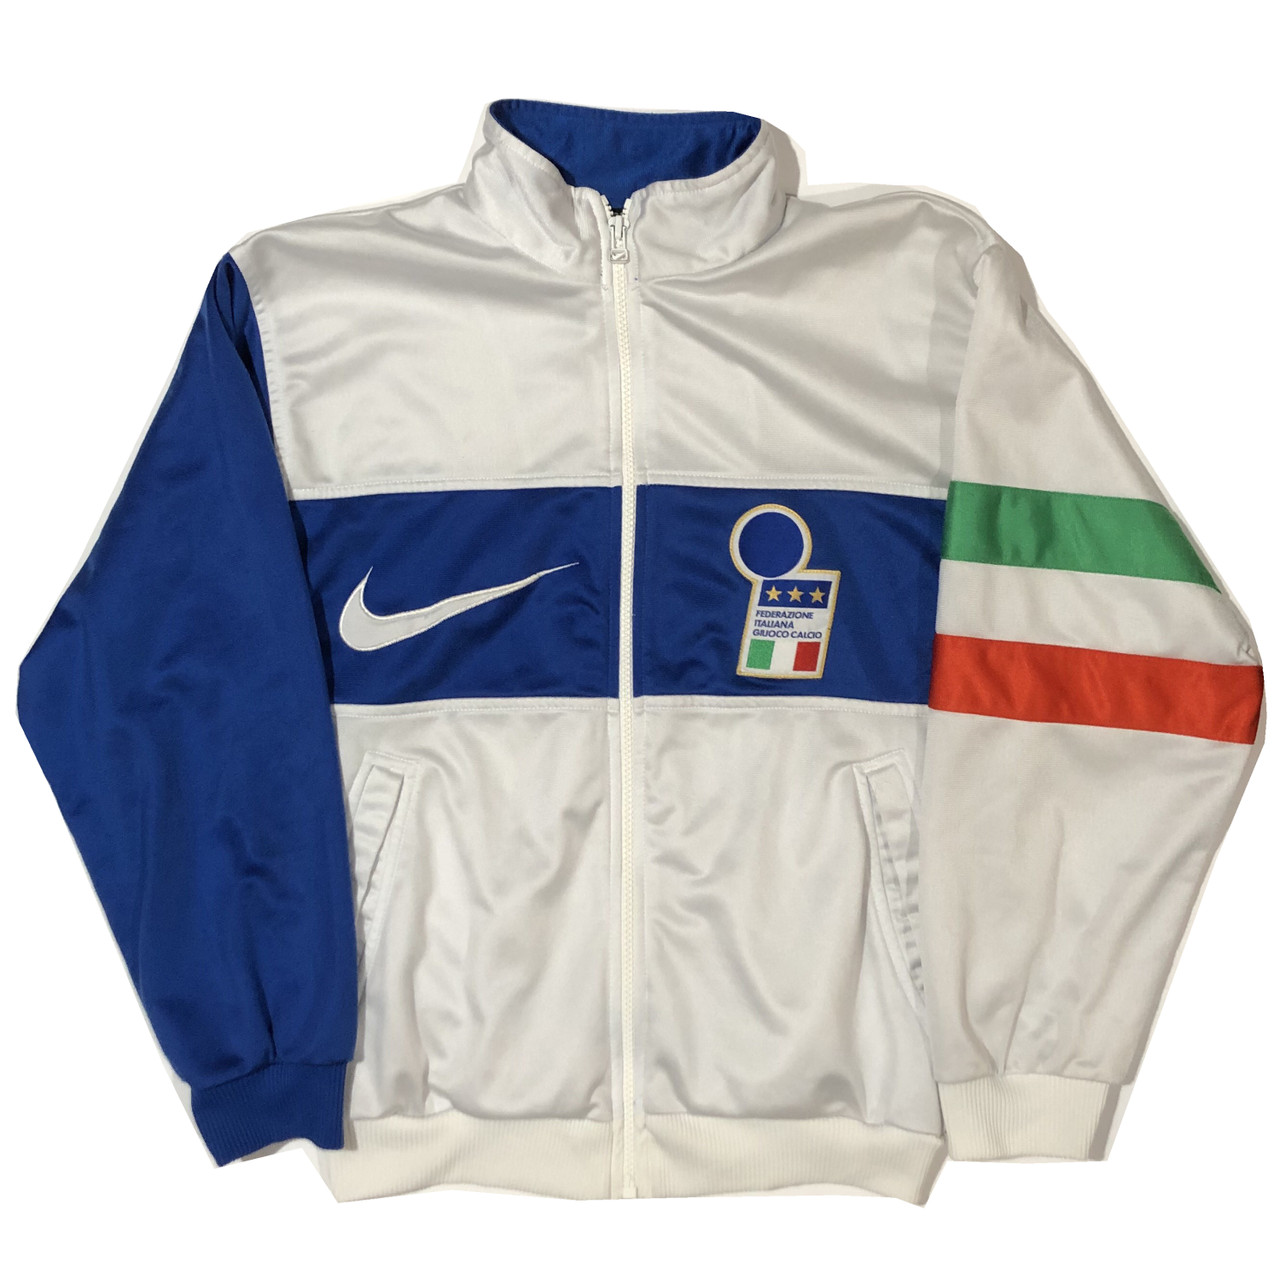 vintage nike jacket